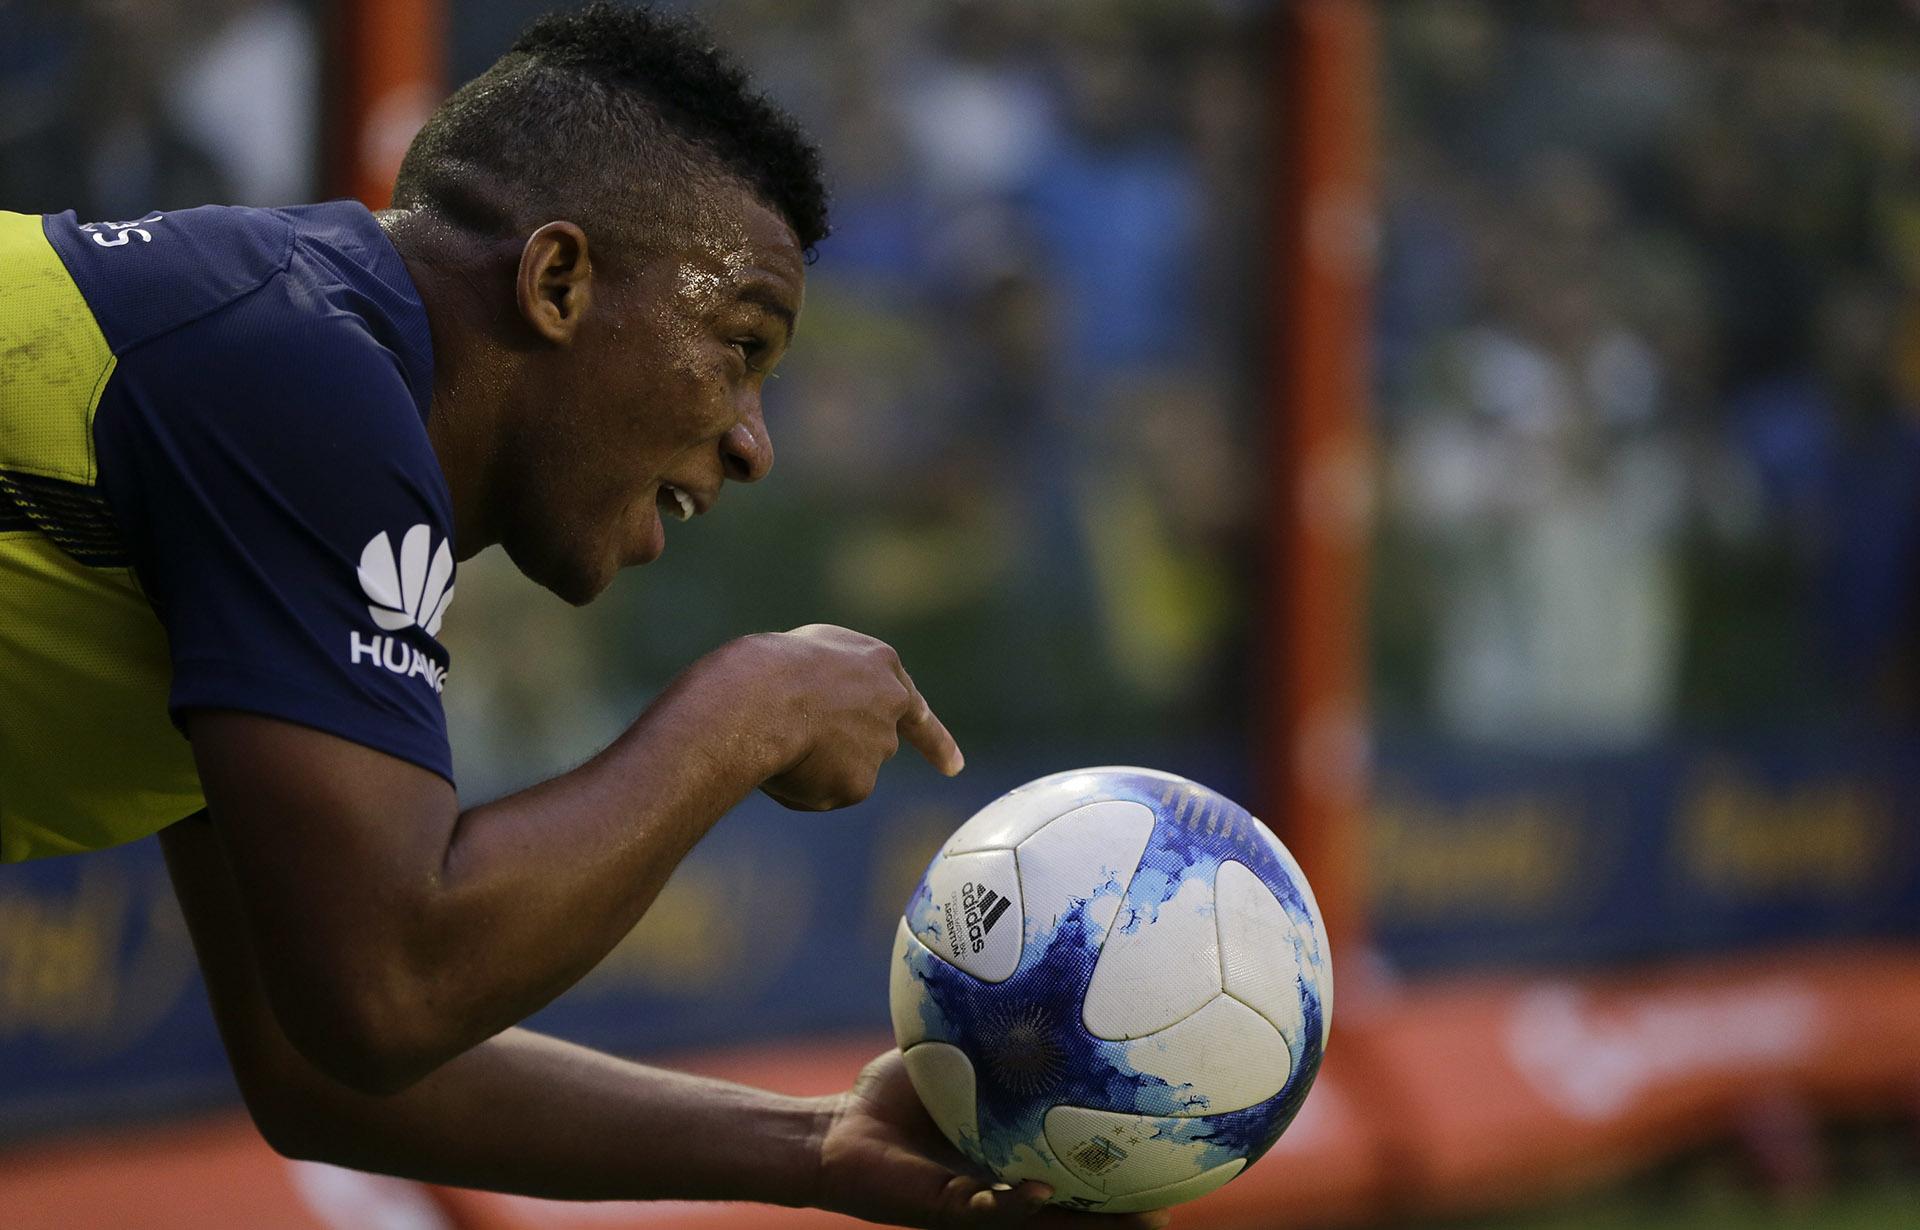 El defensor de Boca Frank Fabra hace señas a sus compañeros antes de iniciar una jugada